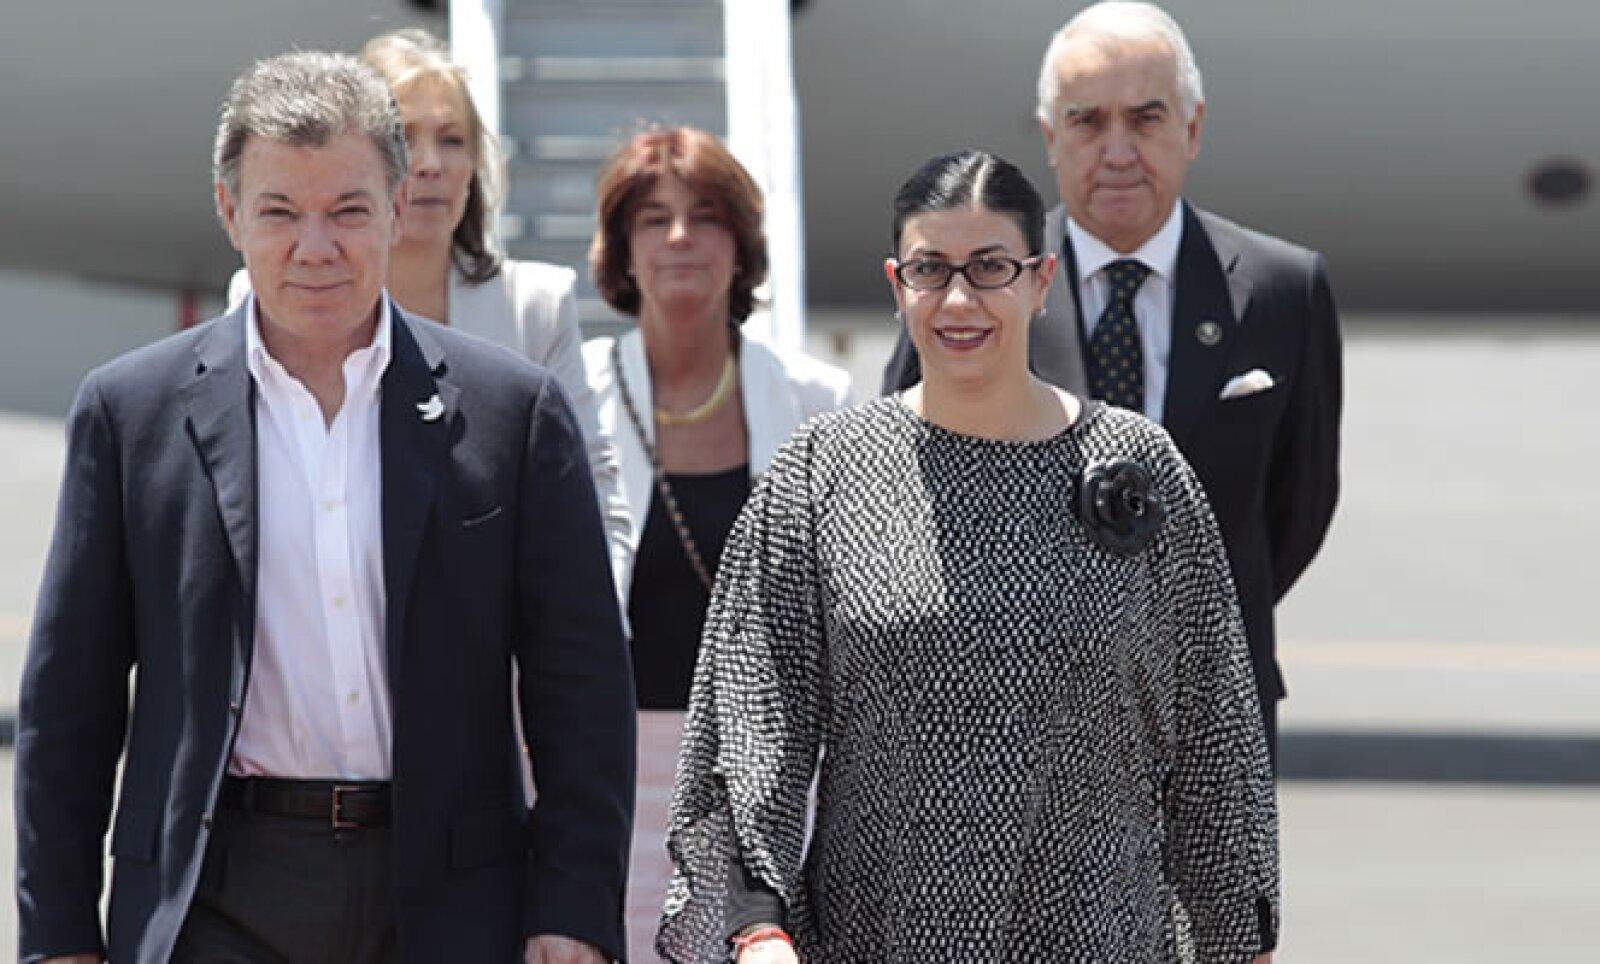 El presidente de Colombia arribó esta tarde al hangar presidencial de la Ciudad de México para participar en el homenaje.